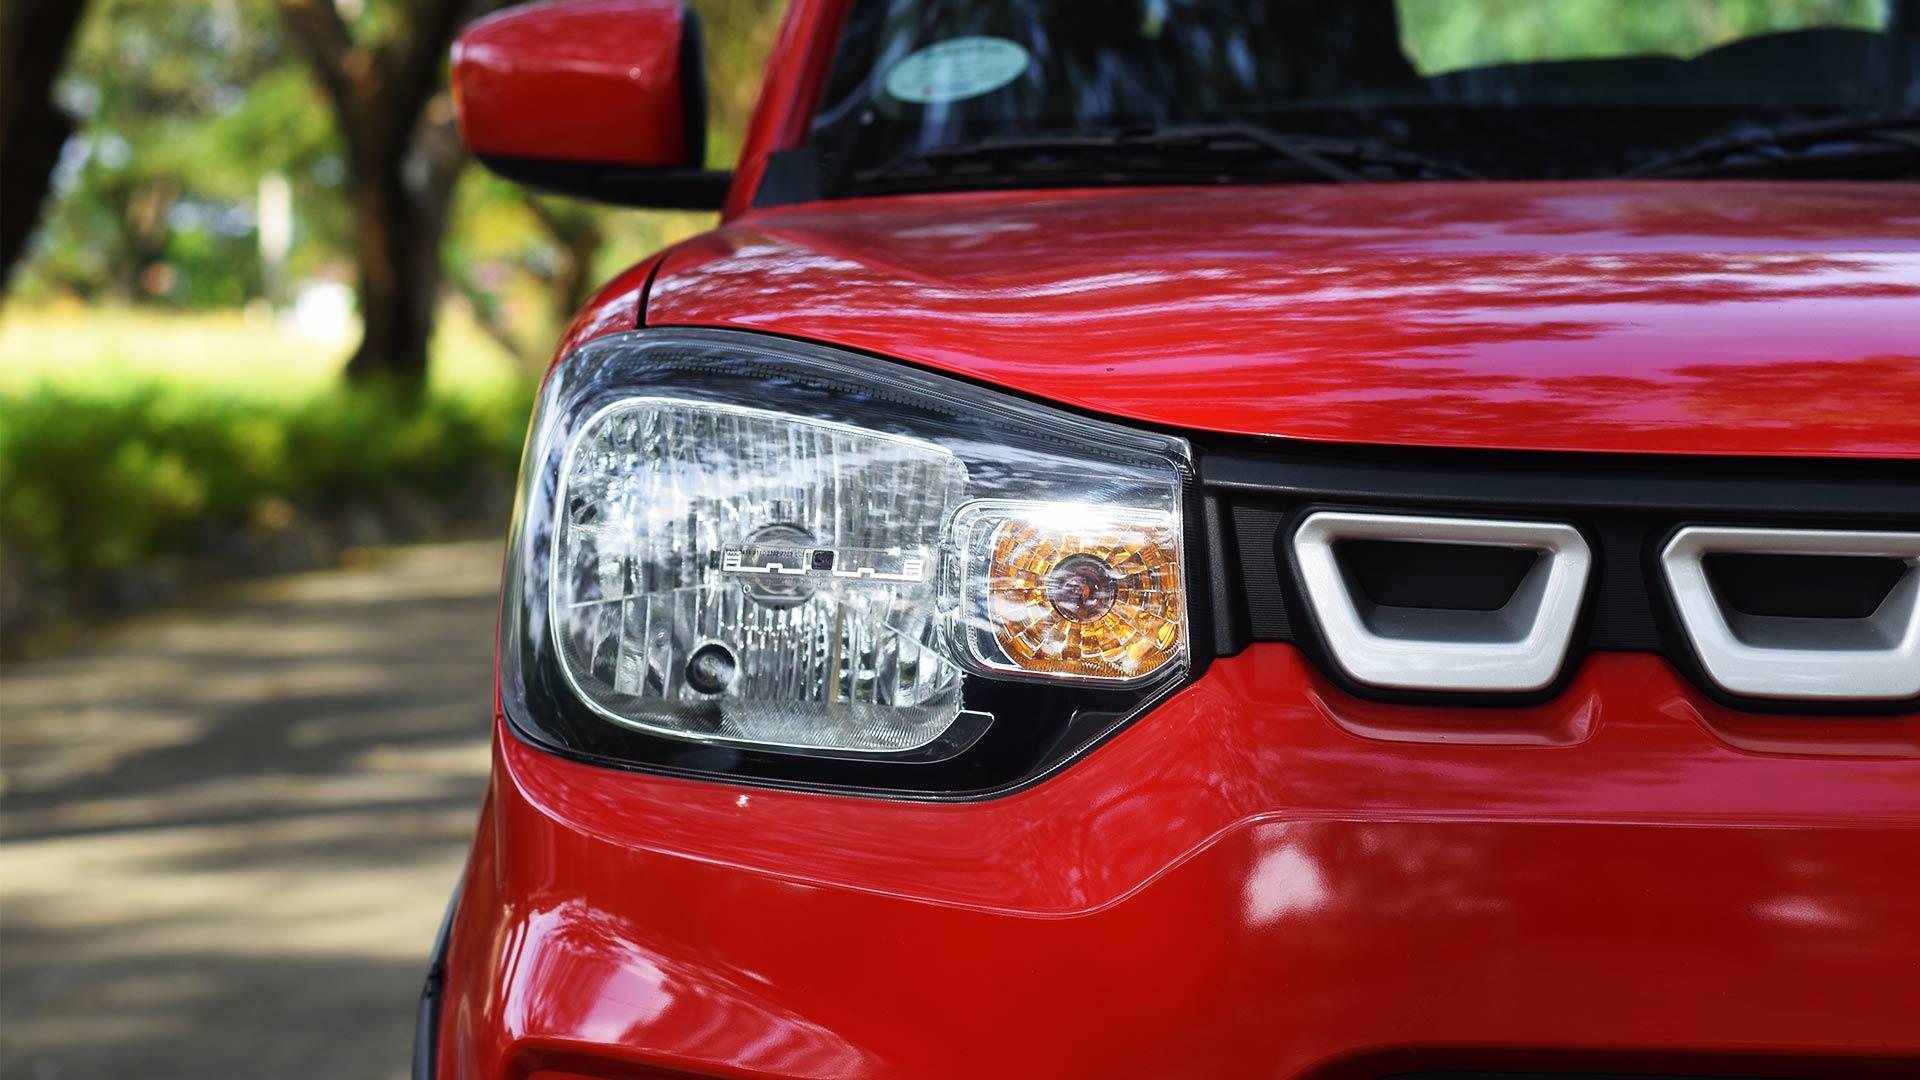 The Suzuki S-Presso head lamp